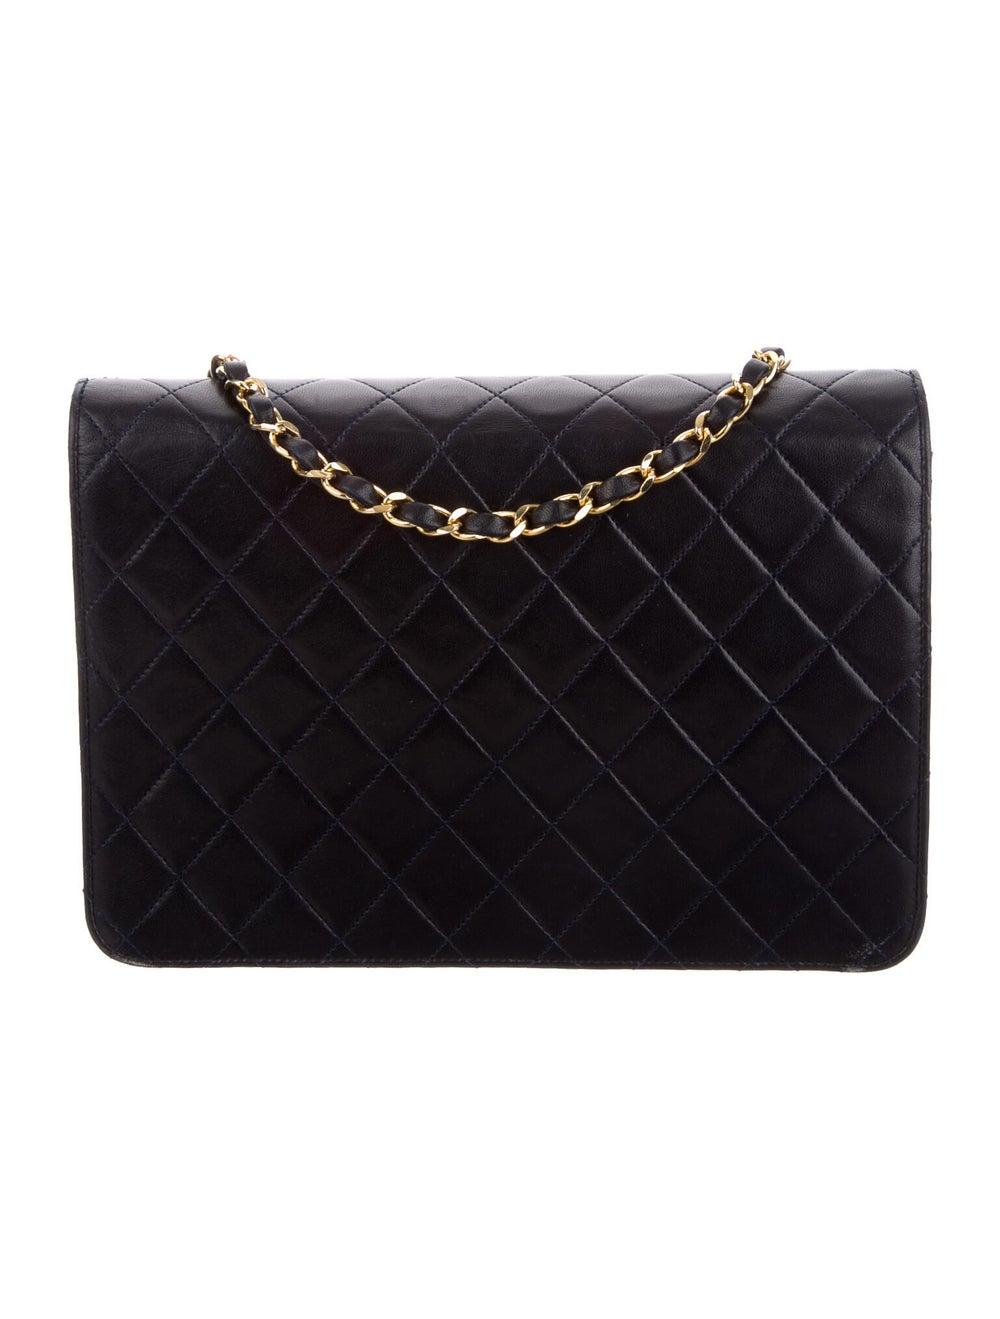 Chanel Vintage Single Flap Bag Blue - image 4